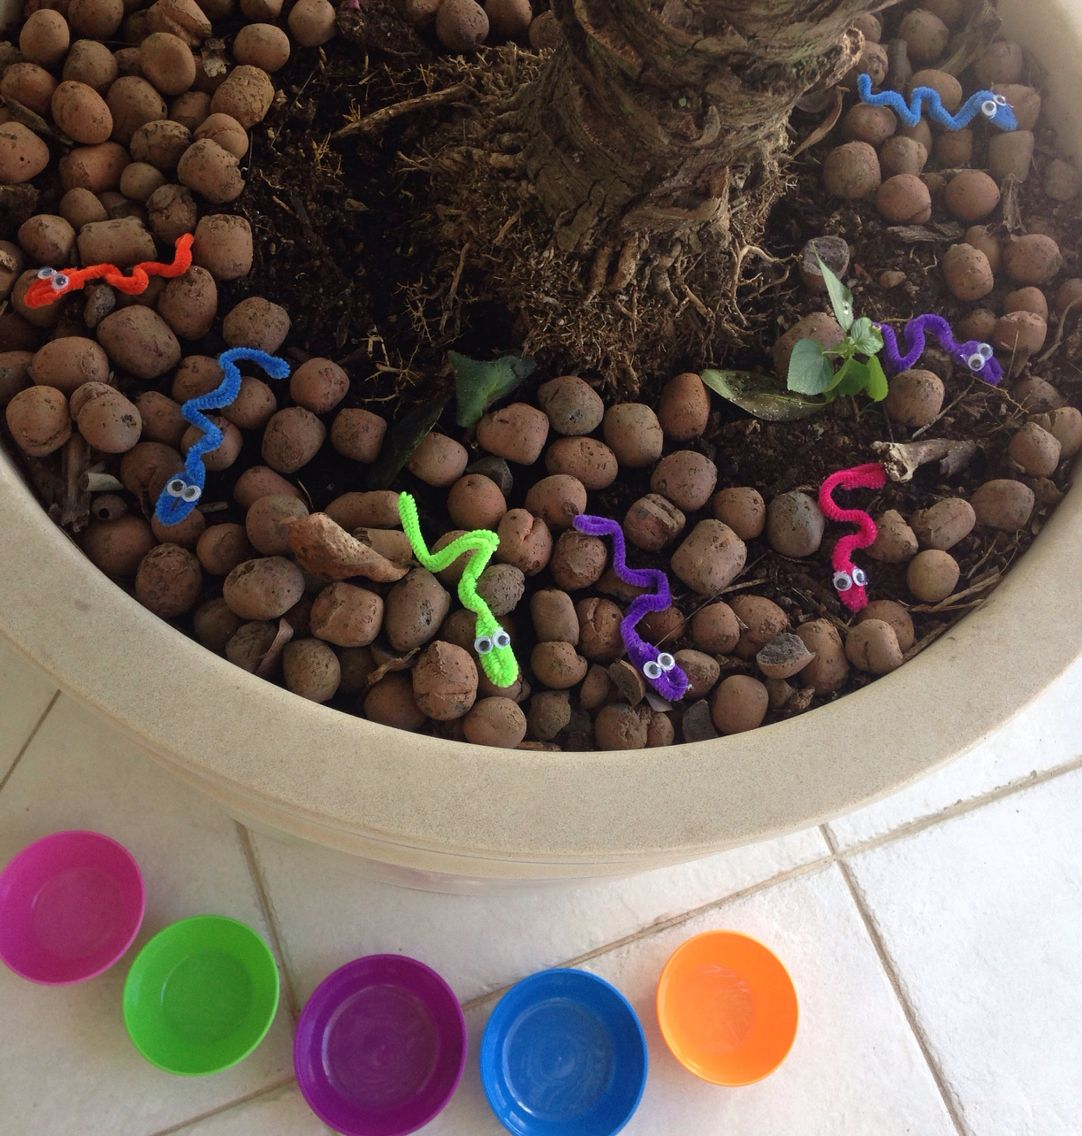 Pegar as minhocas na terra e coloca-las no potinho da sua respectiva cor.